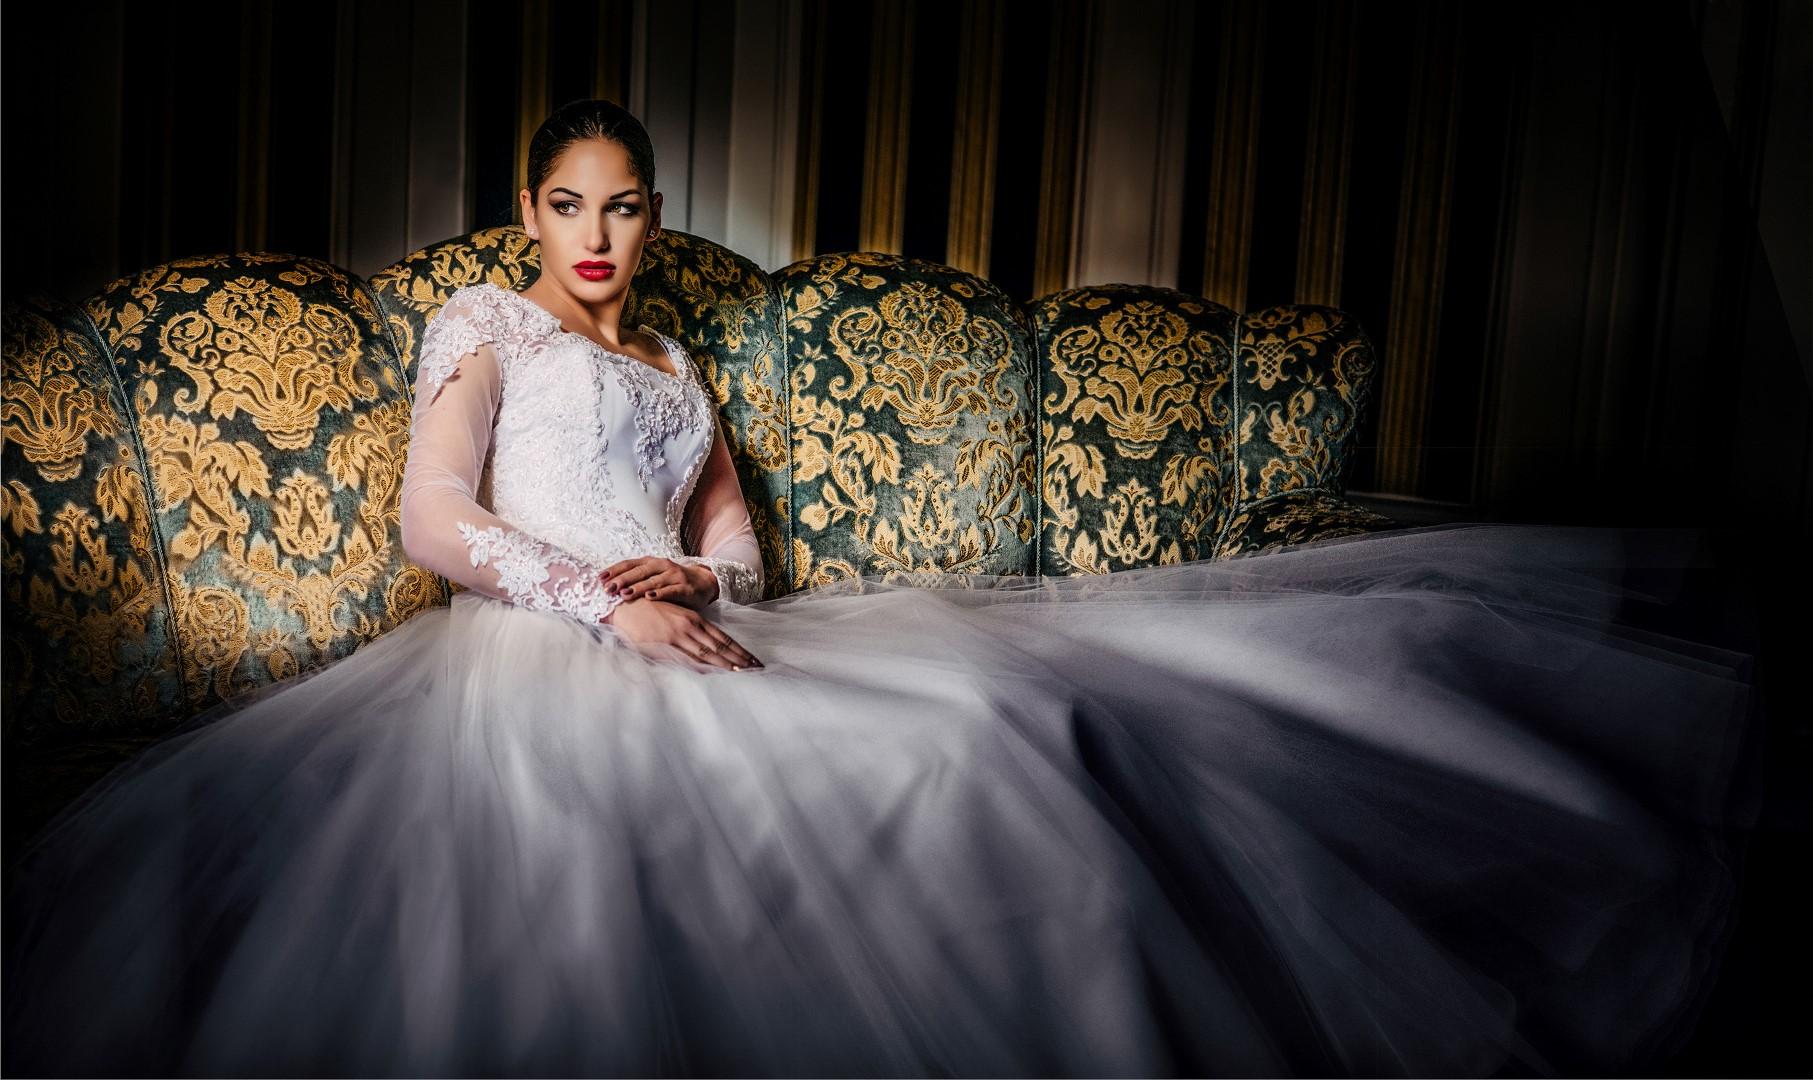 Pécsi esküvői ruhaszalon 6577926184